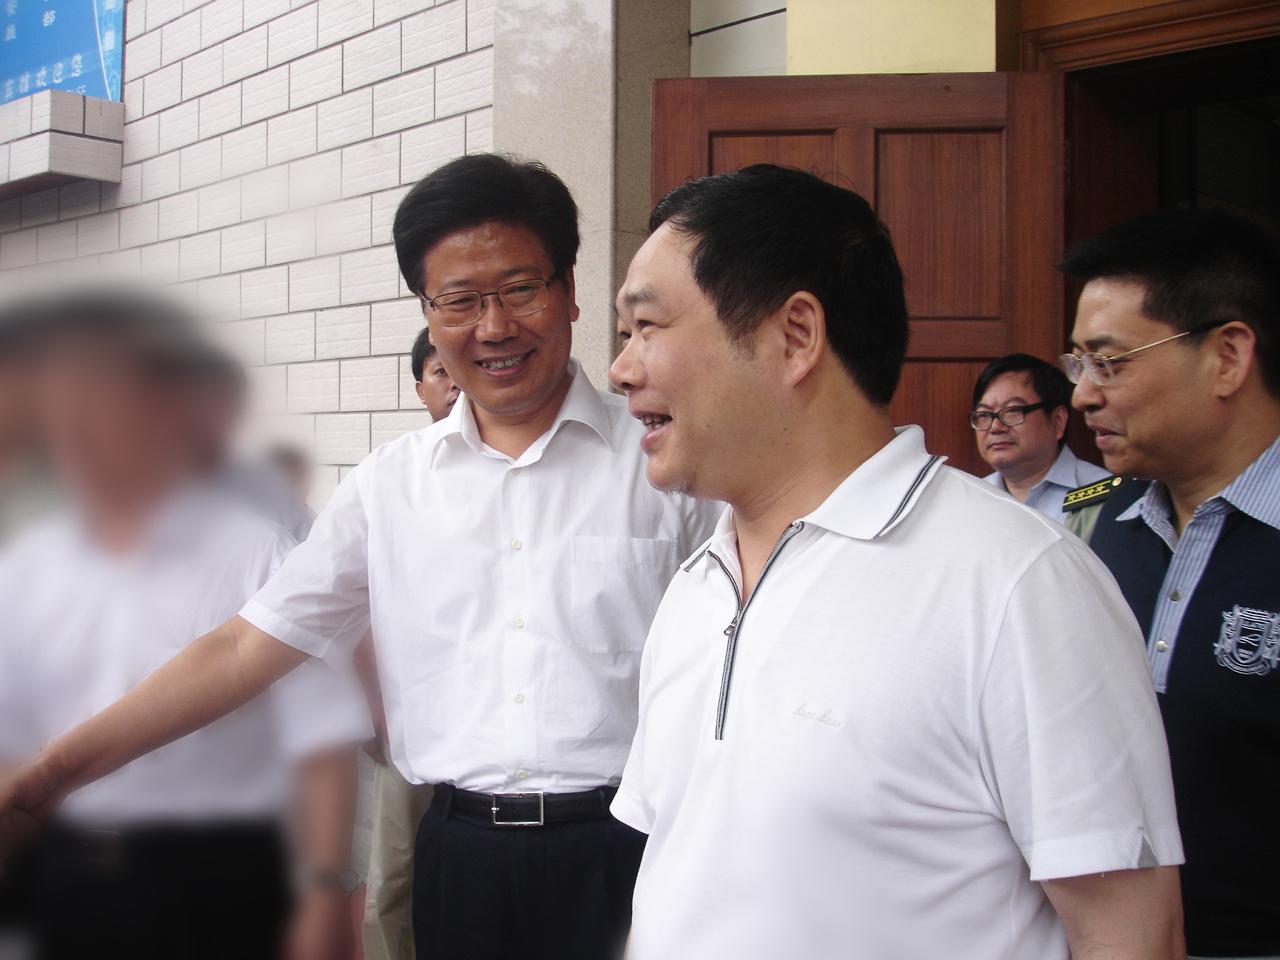 2009年6月,中央政治局委員,時任湖南省書記張春賢接見董事長李建煒.jpg